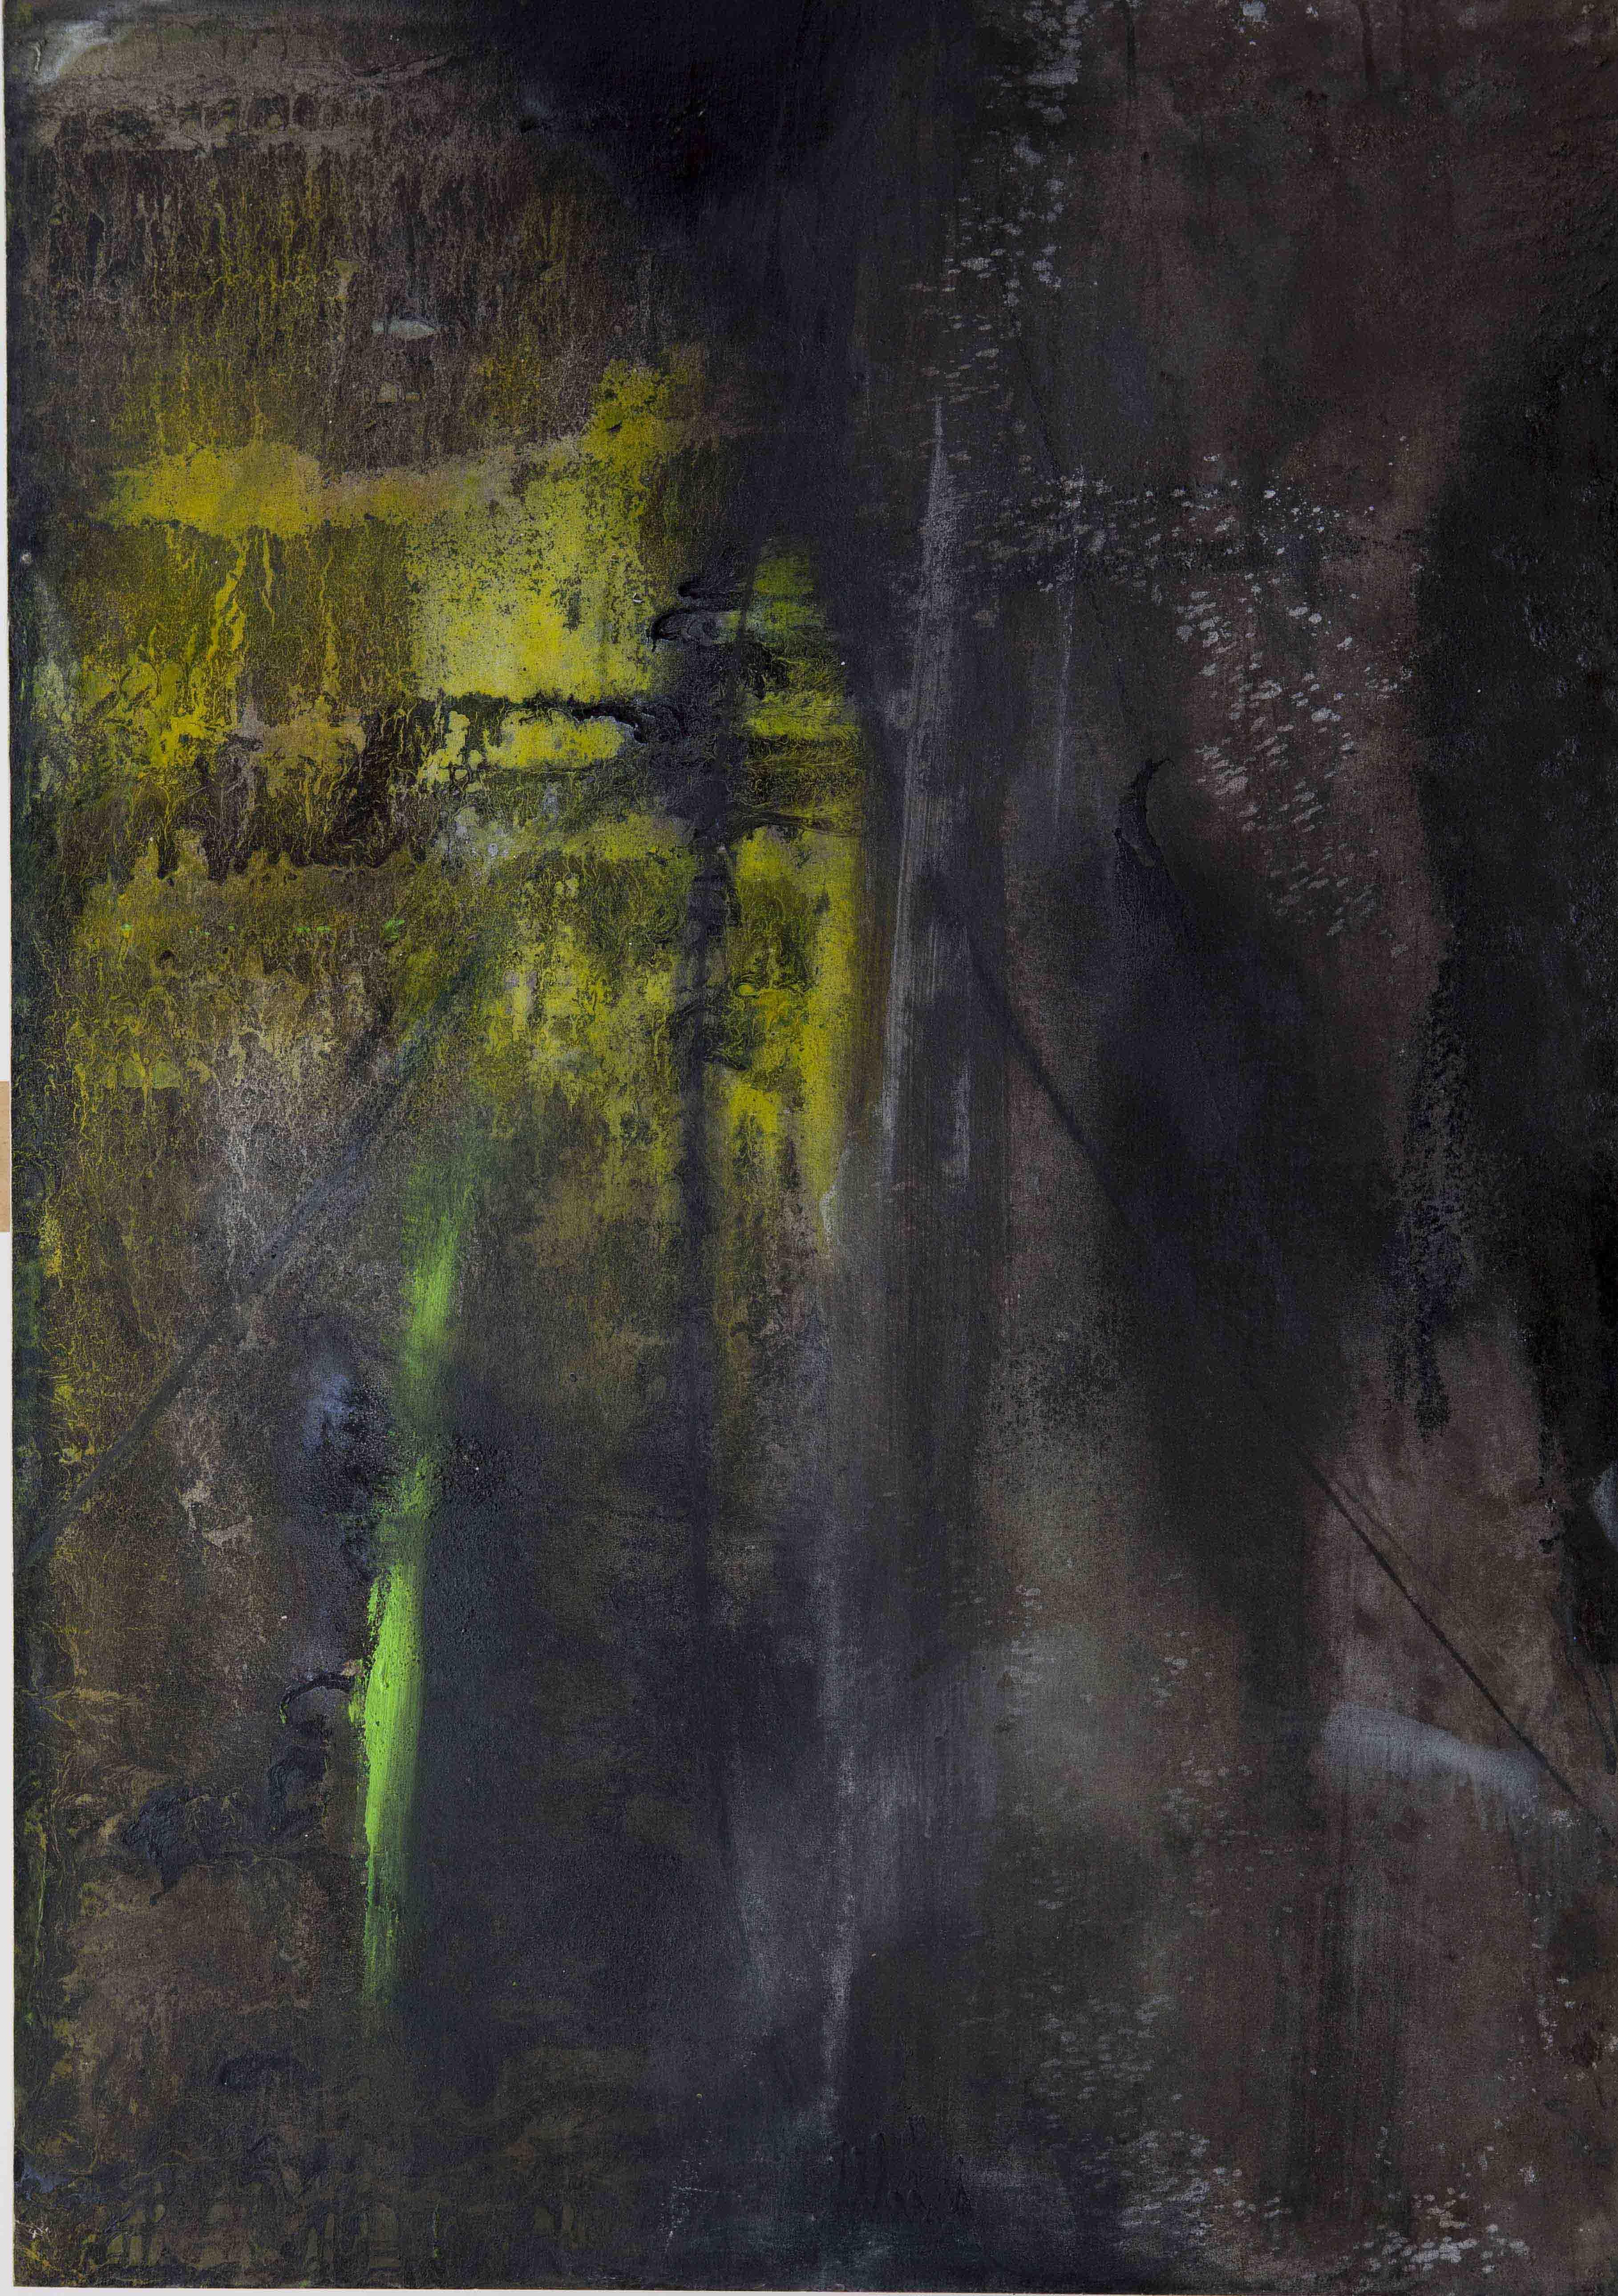 Paolo Bini, Notturno, 2012, acrilico, mica e terra su carta applicata su tavola, 100x70cm cm